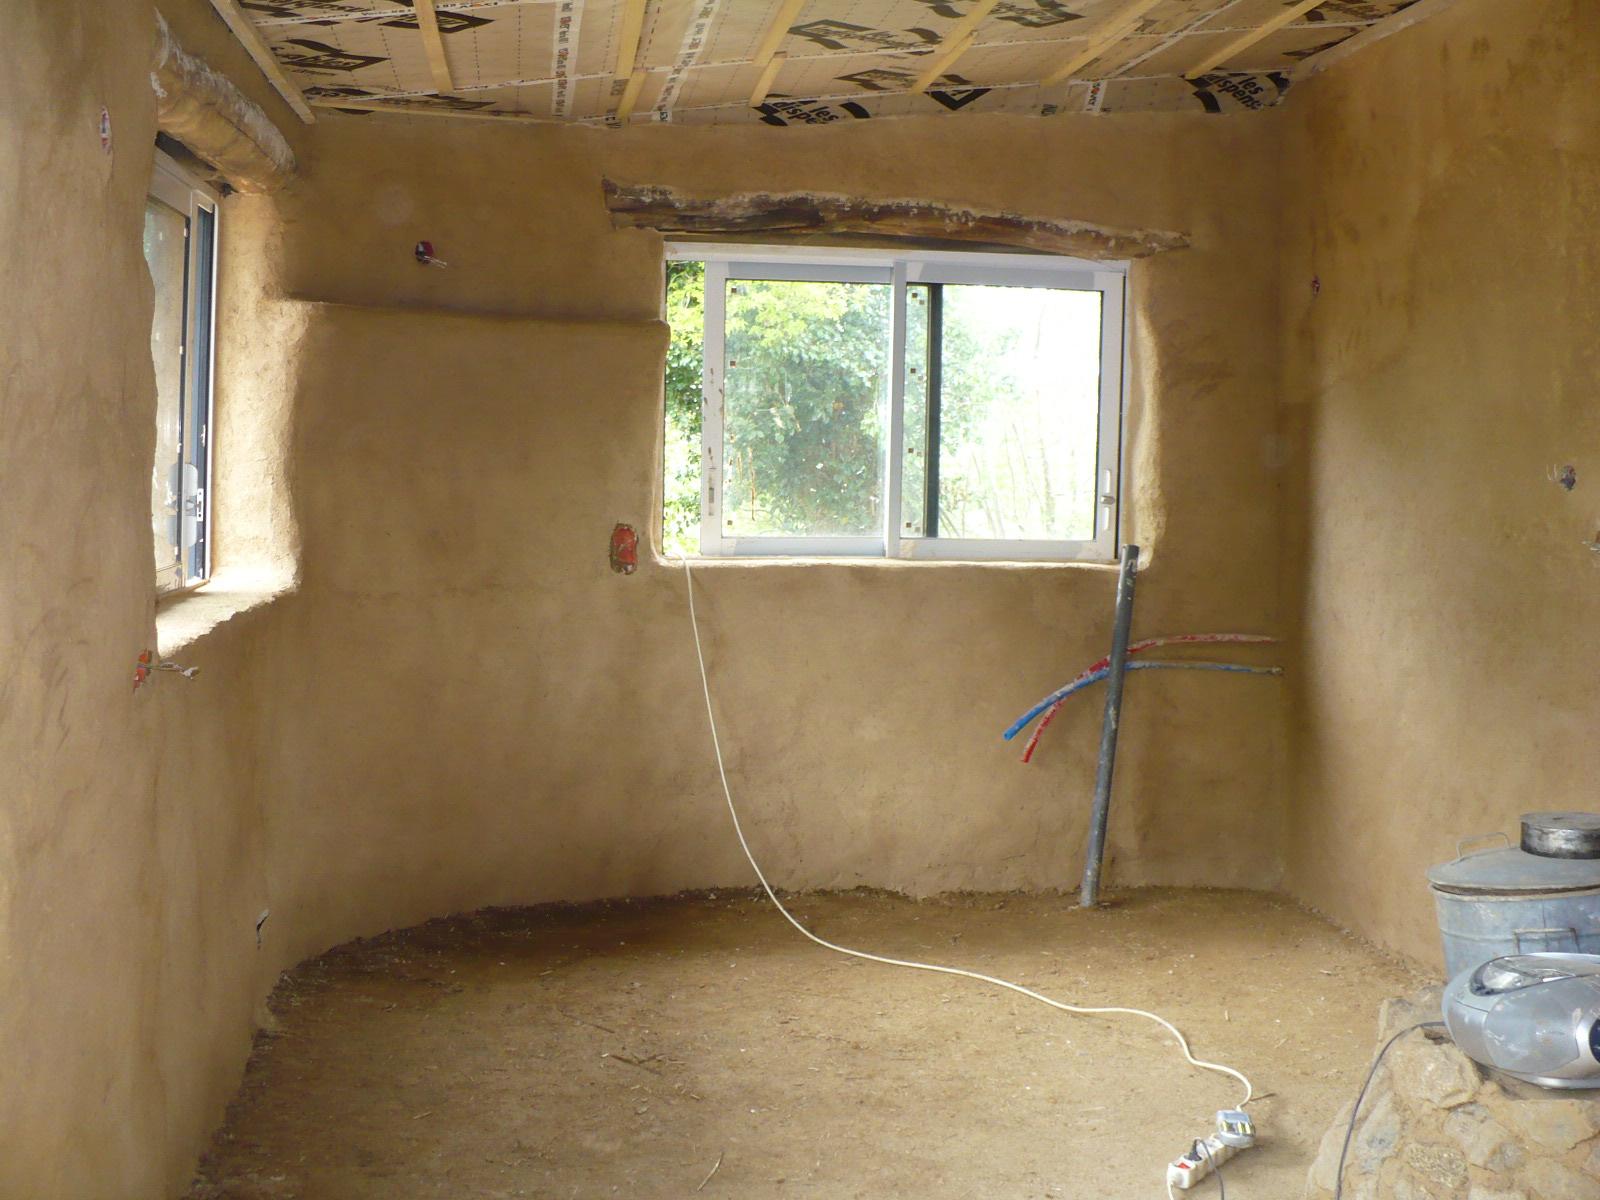 maison terre et paille enduits terre chaux a rienne. Black Bedroom Furniture Sets. Home Design Ideas